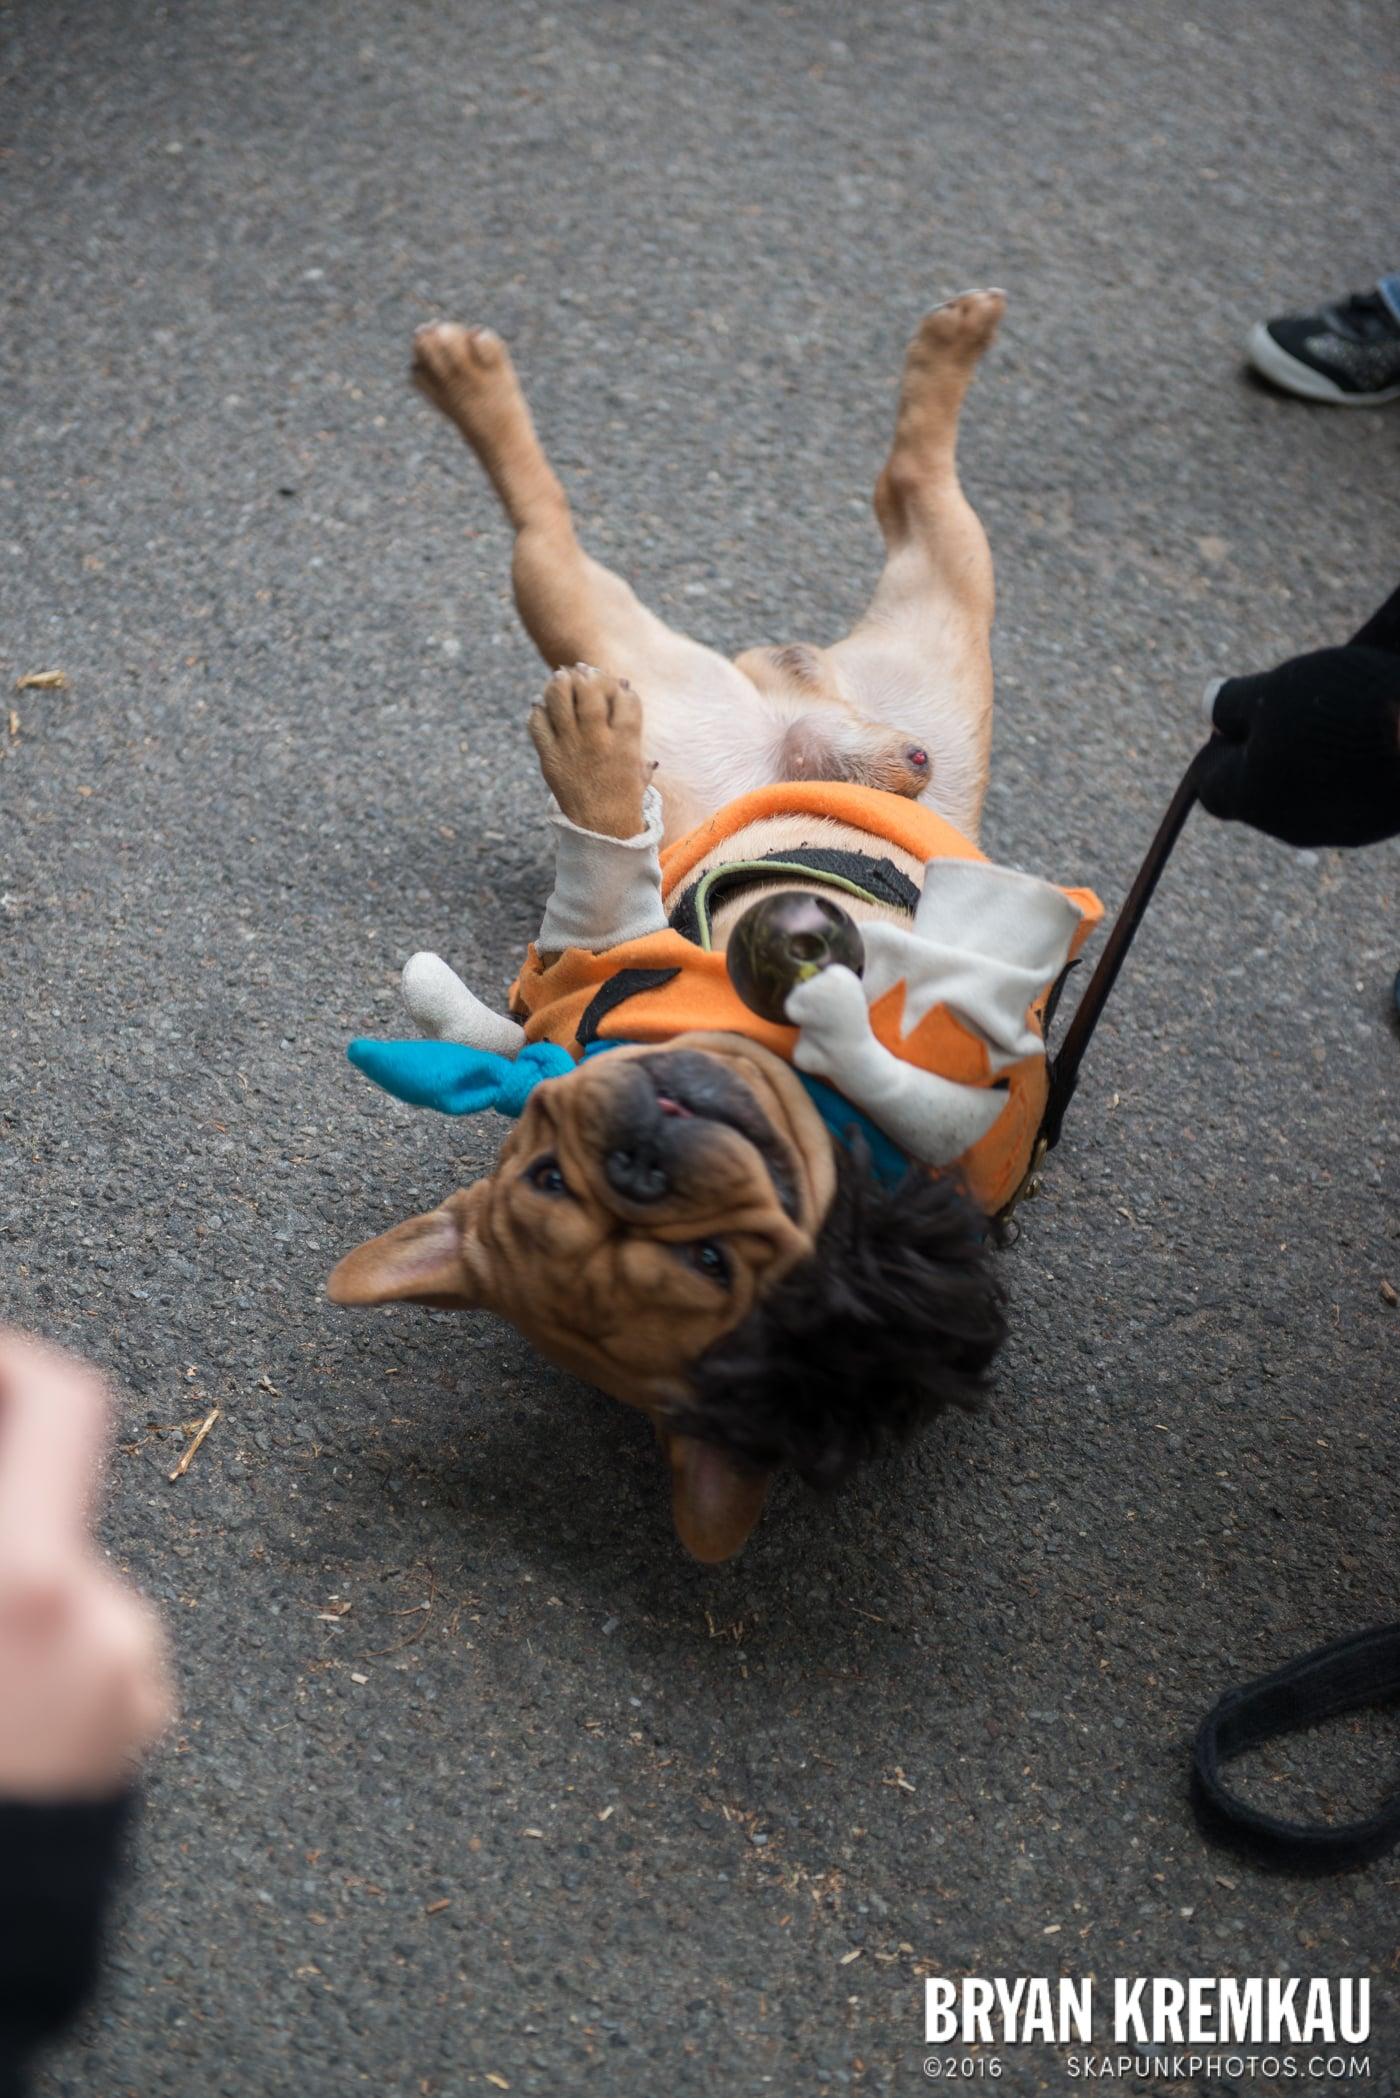 Tompkins Square Halloween Dog Parade 2015 @ Tompkins Square Park, NYC – 10.24.15 (19)